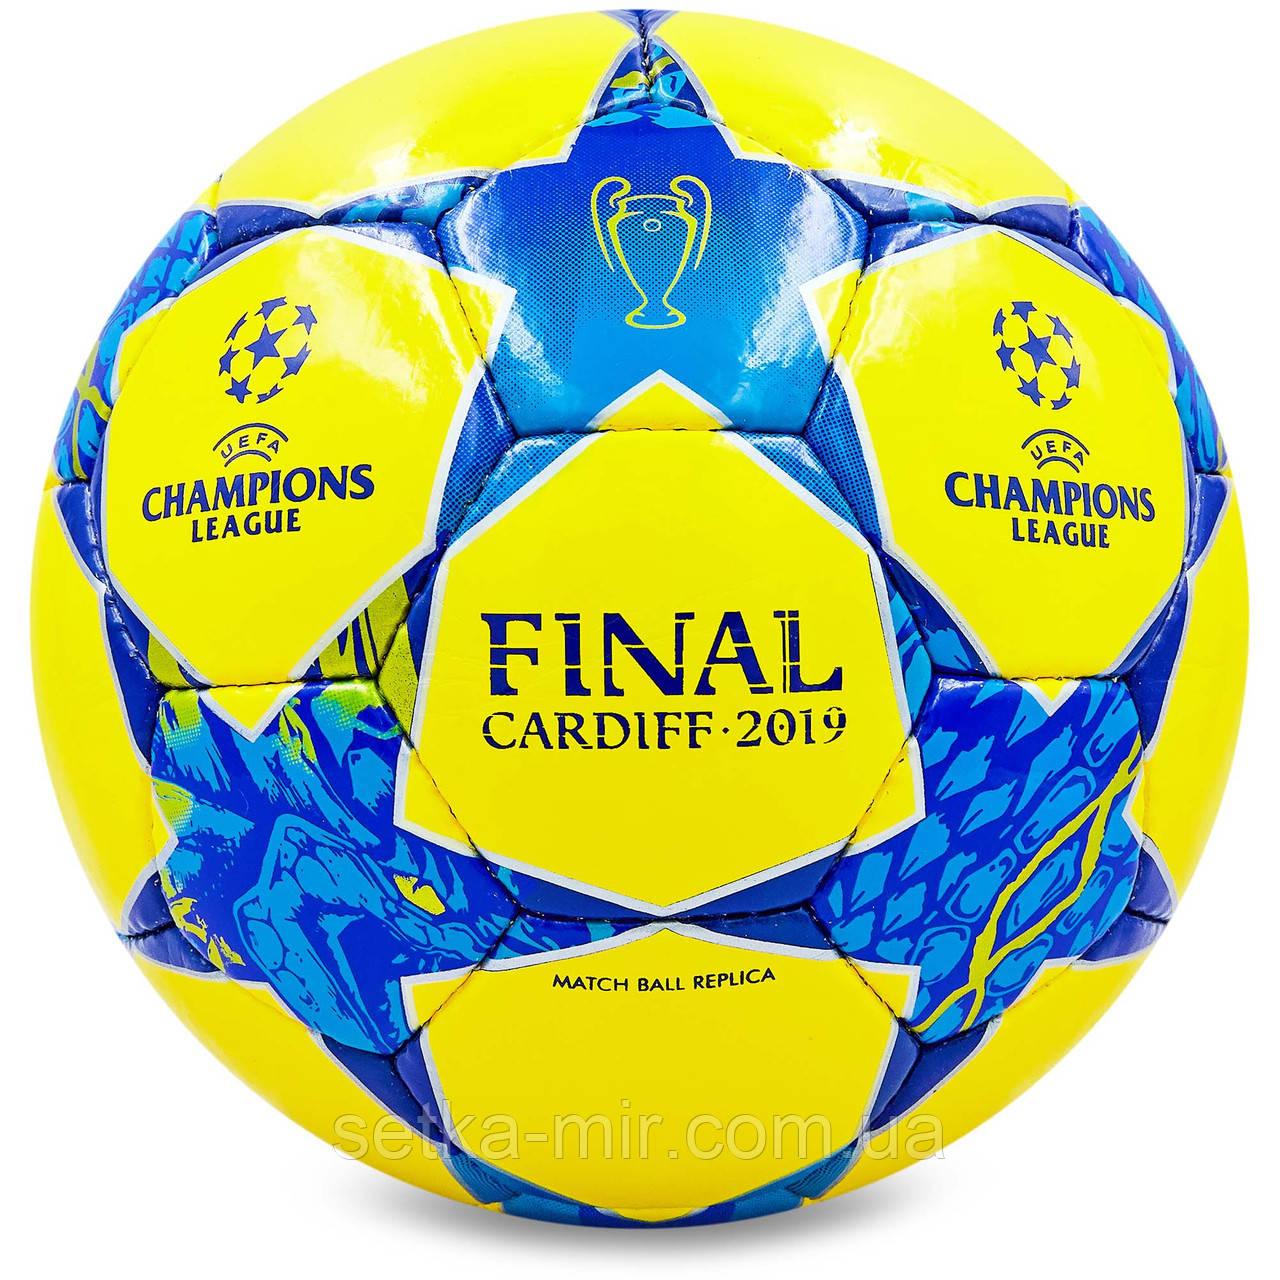 М'яч футбольний №4 PU ламін. CHAMPIONS LEAGUE FINAL MADRID 2019 FB-0146 (№4, 5 сл., Зшитий вручну)